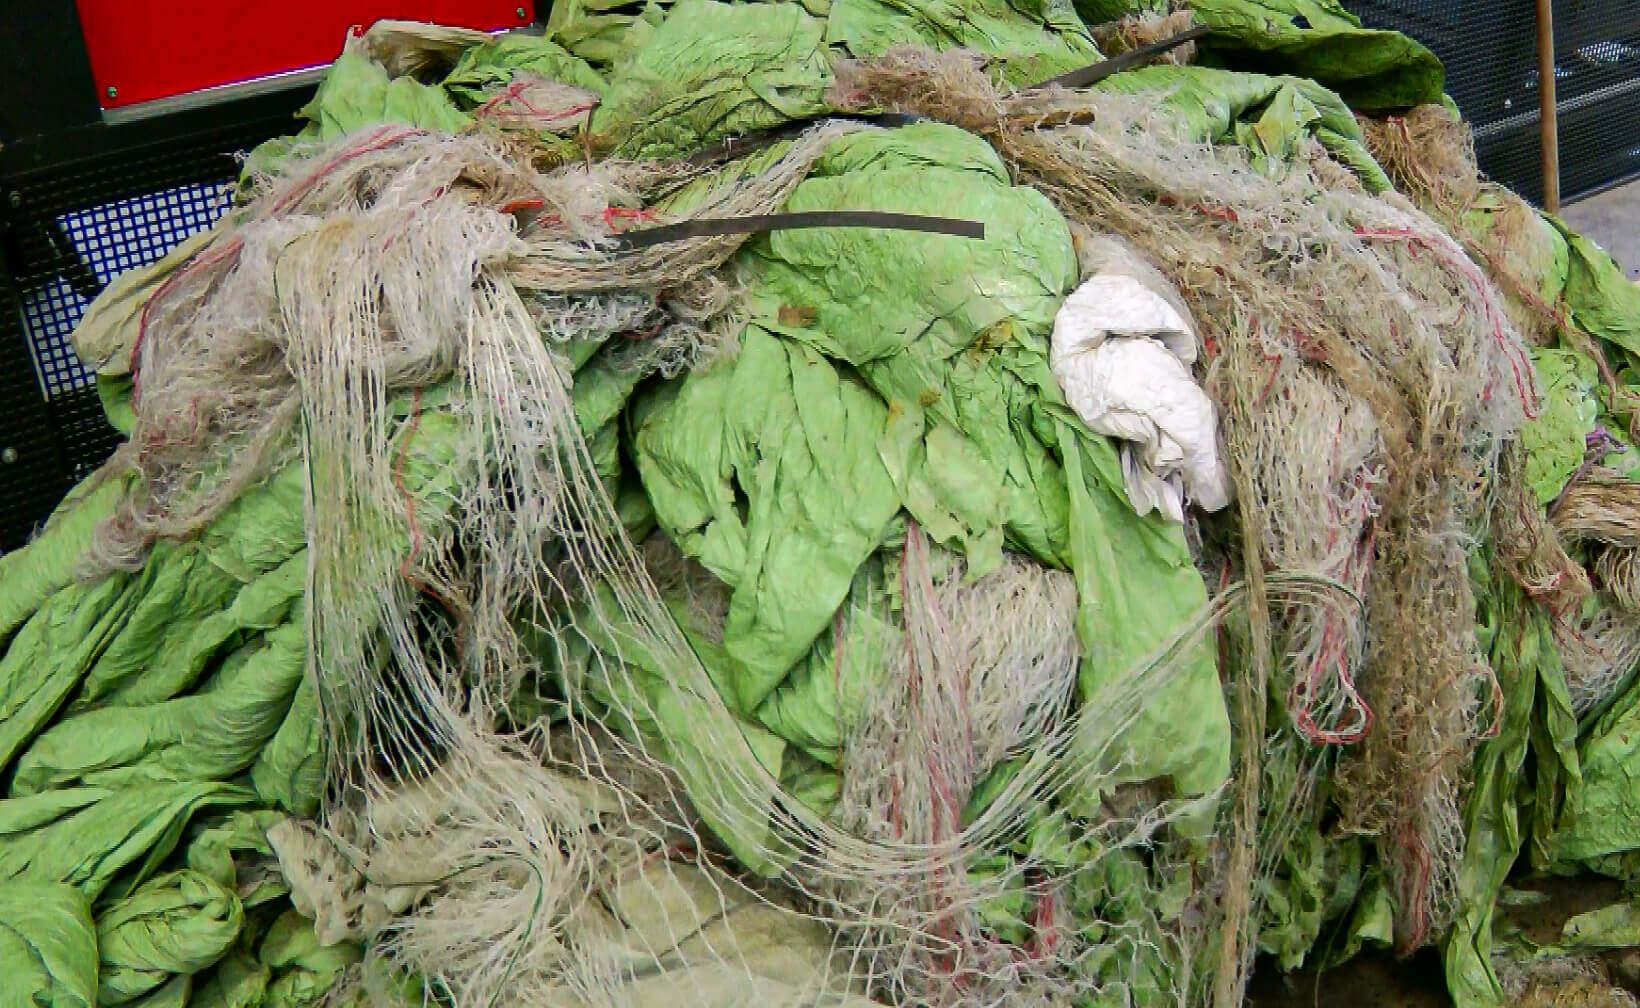 Verschmutzte Landwirtschaftsfolie, Erntegarn und Rundballennetze